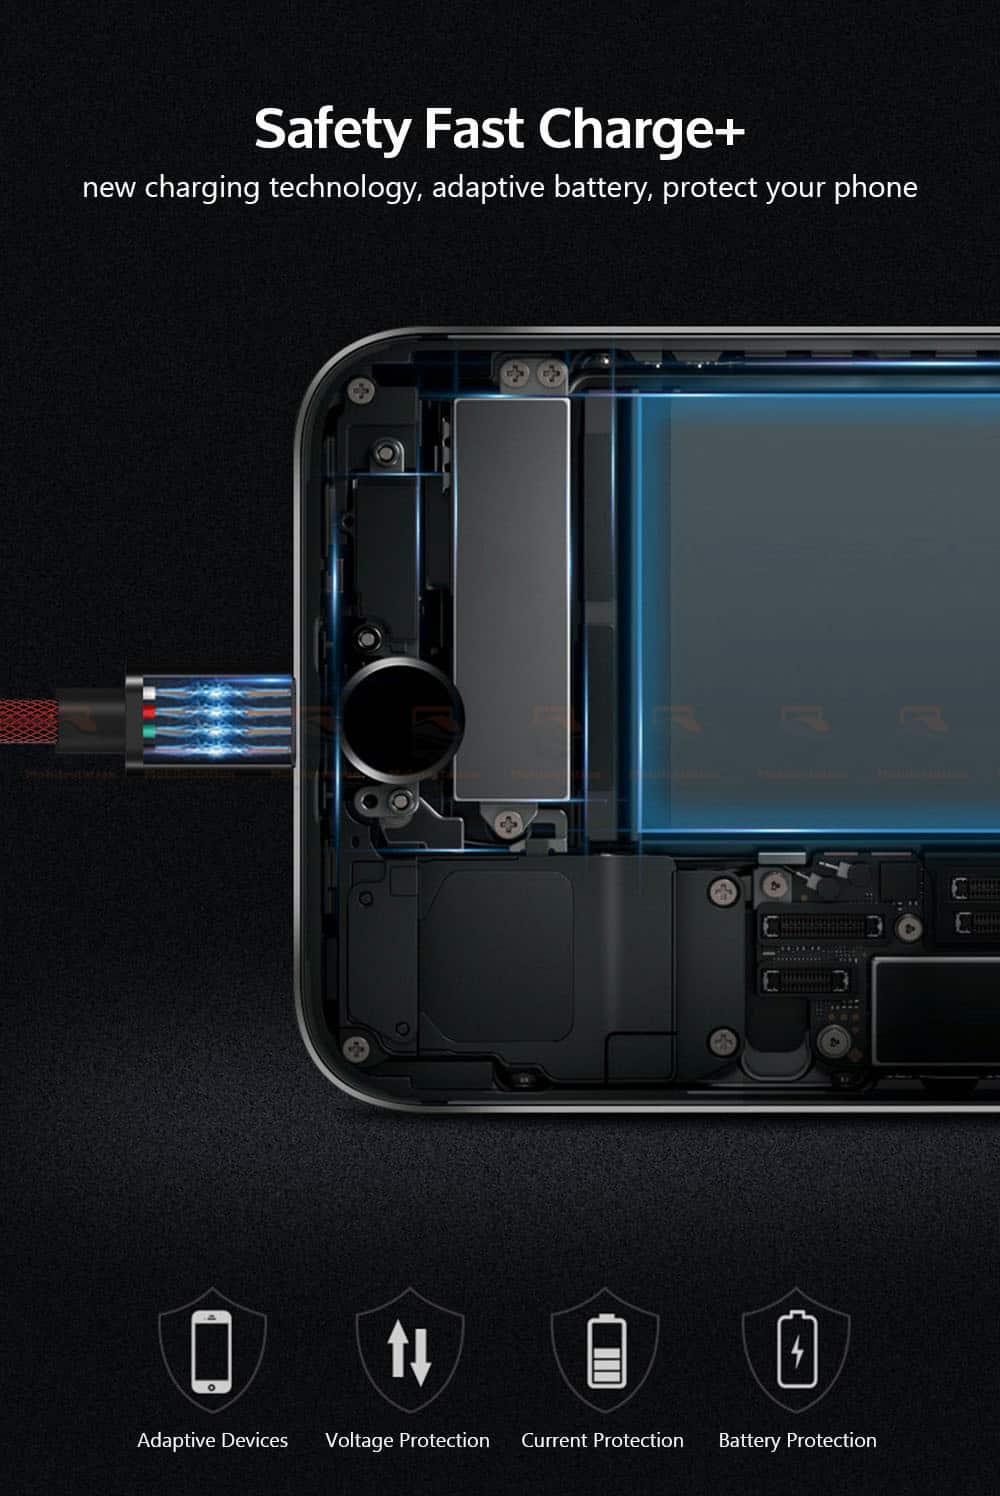 สายชาร์จไอโฟน TIEGEM Tanpow-K series Alloy Aluminum Nylon Fast Charging For iPhone X 8 7 6_6